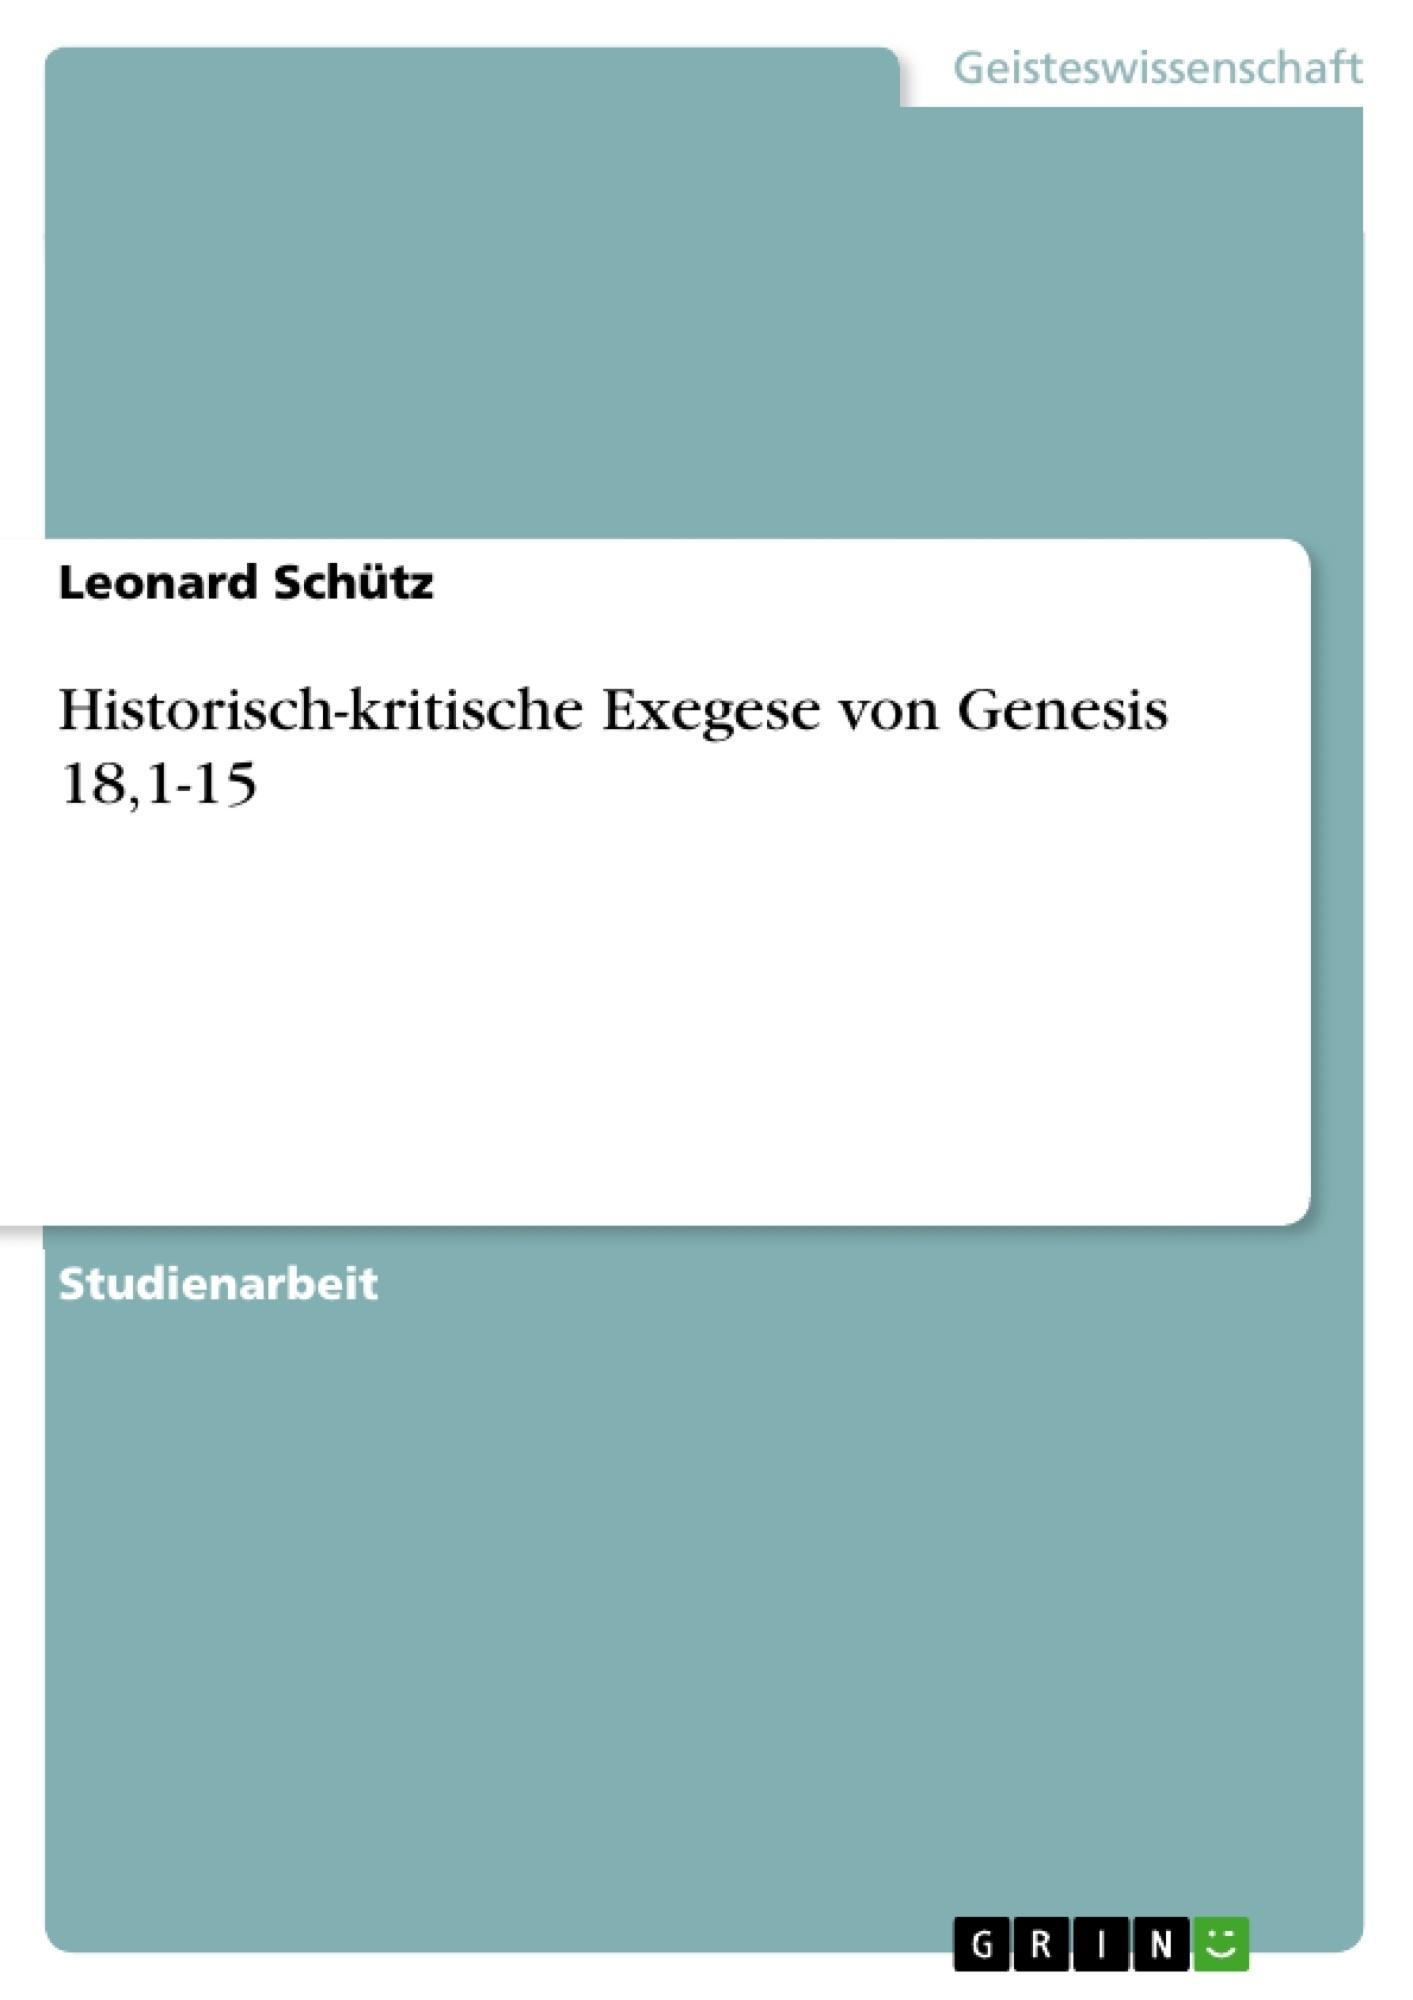 Titel: Historisch-kritische Exegese von Genesis 18,1-15